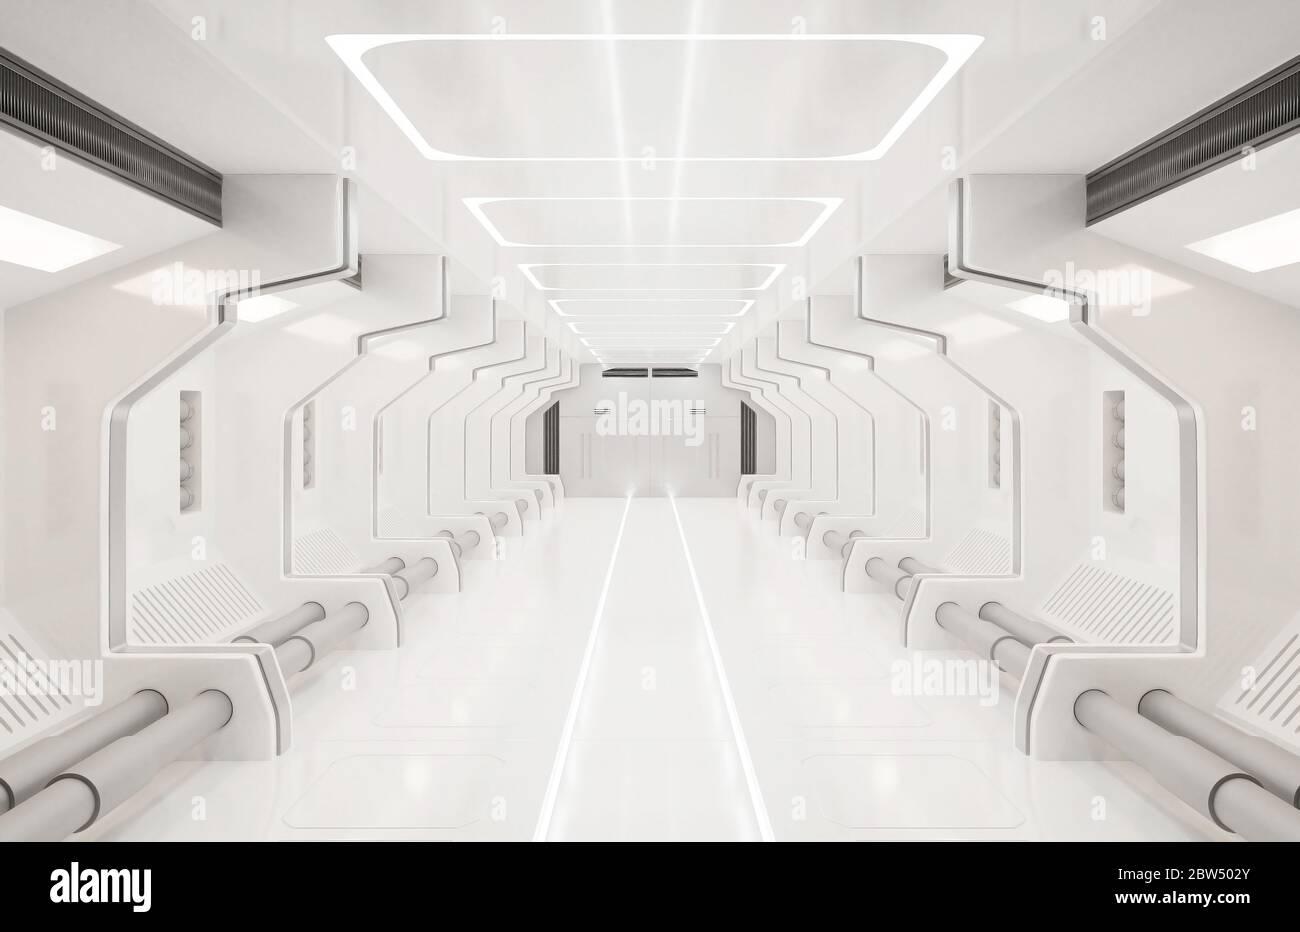 Elementos de representación 3D de esta imagen amueblado, espacio interior blanco, túnel, pasillo, pasillo Foto de stock